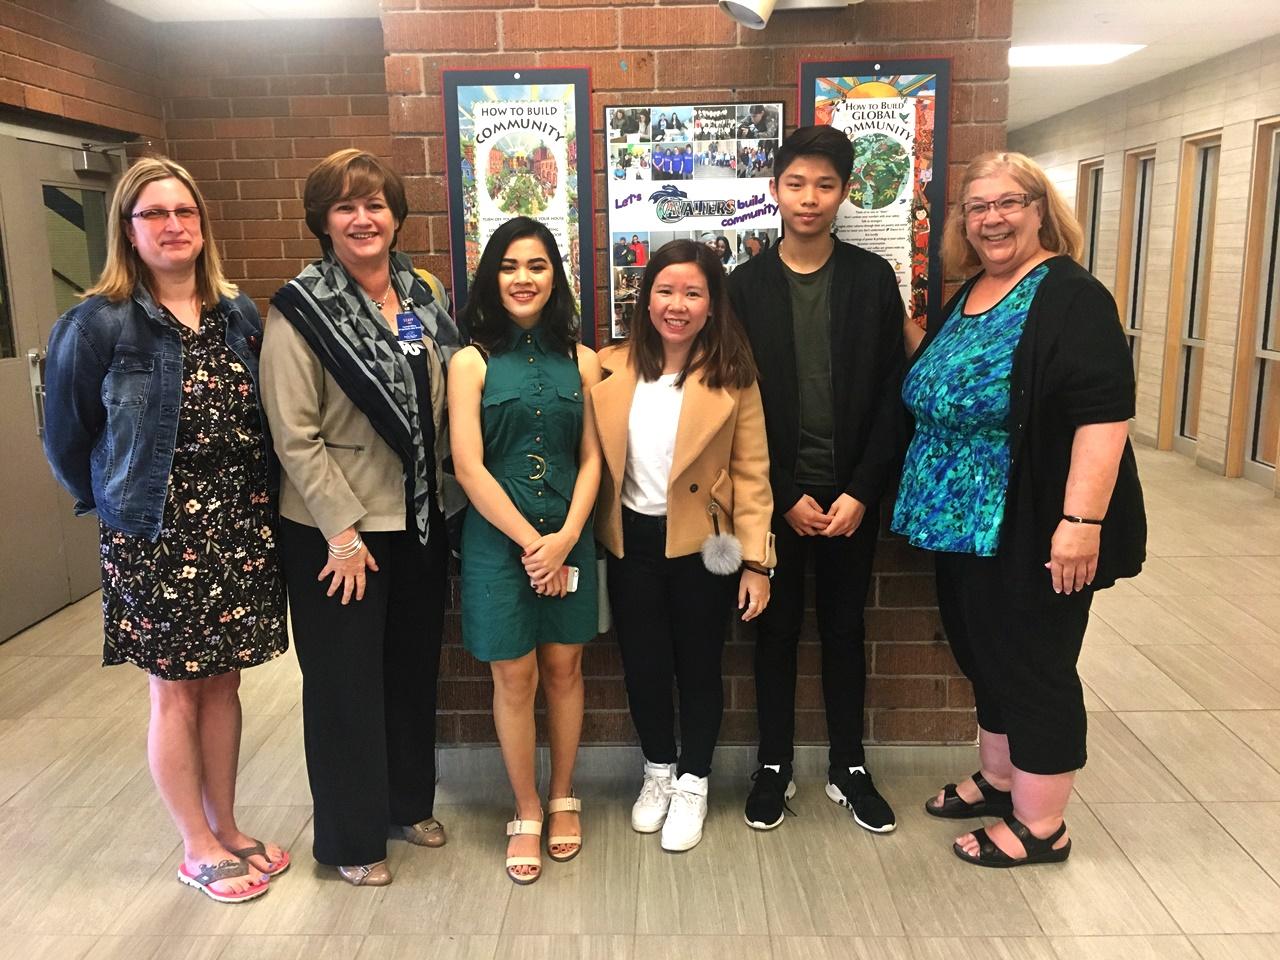 Đại diện Du học INEC được mời đến thăm Hệ thống trung học tỉnh Nova Scotia (Canada)